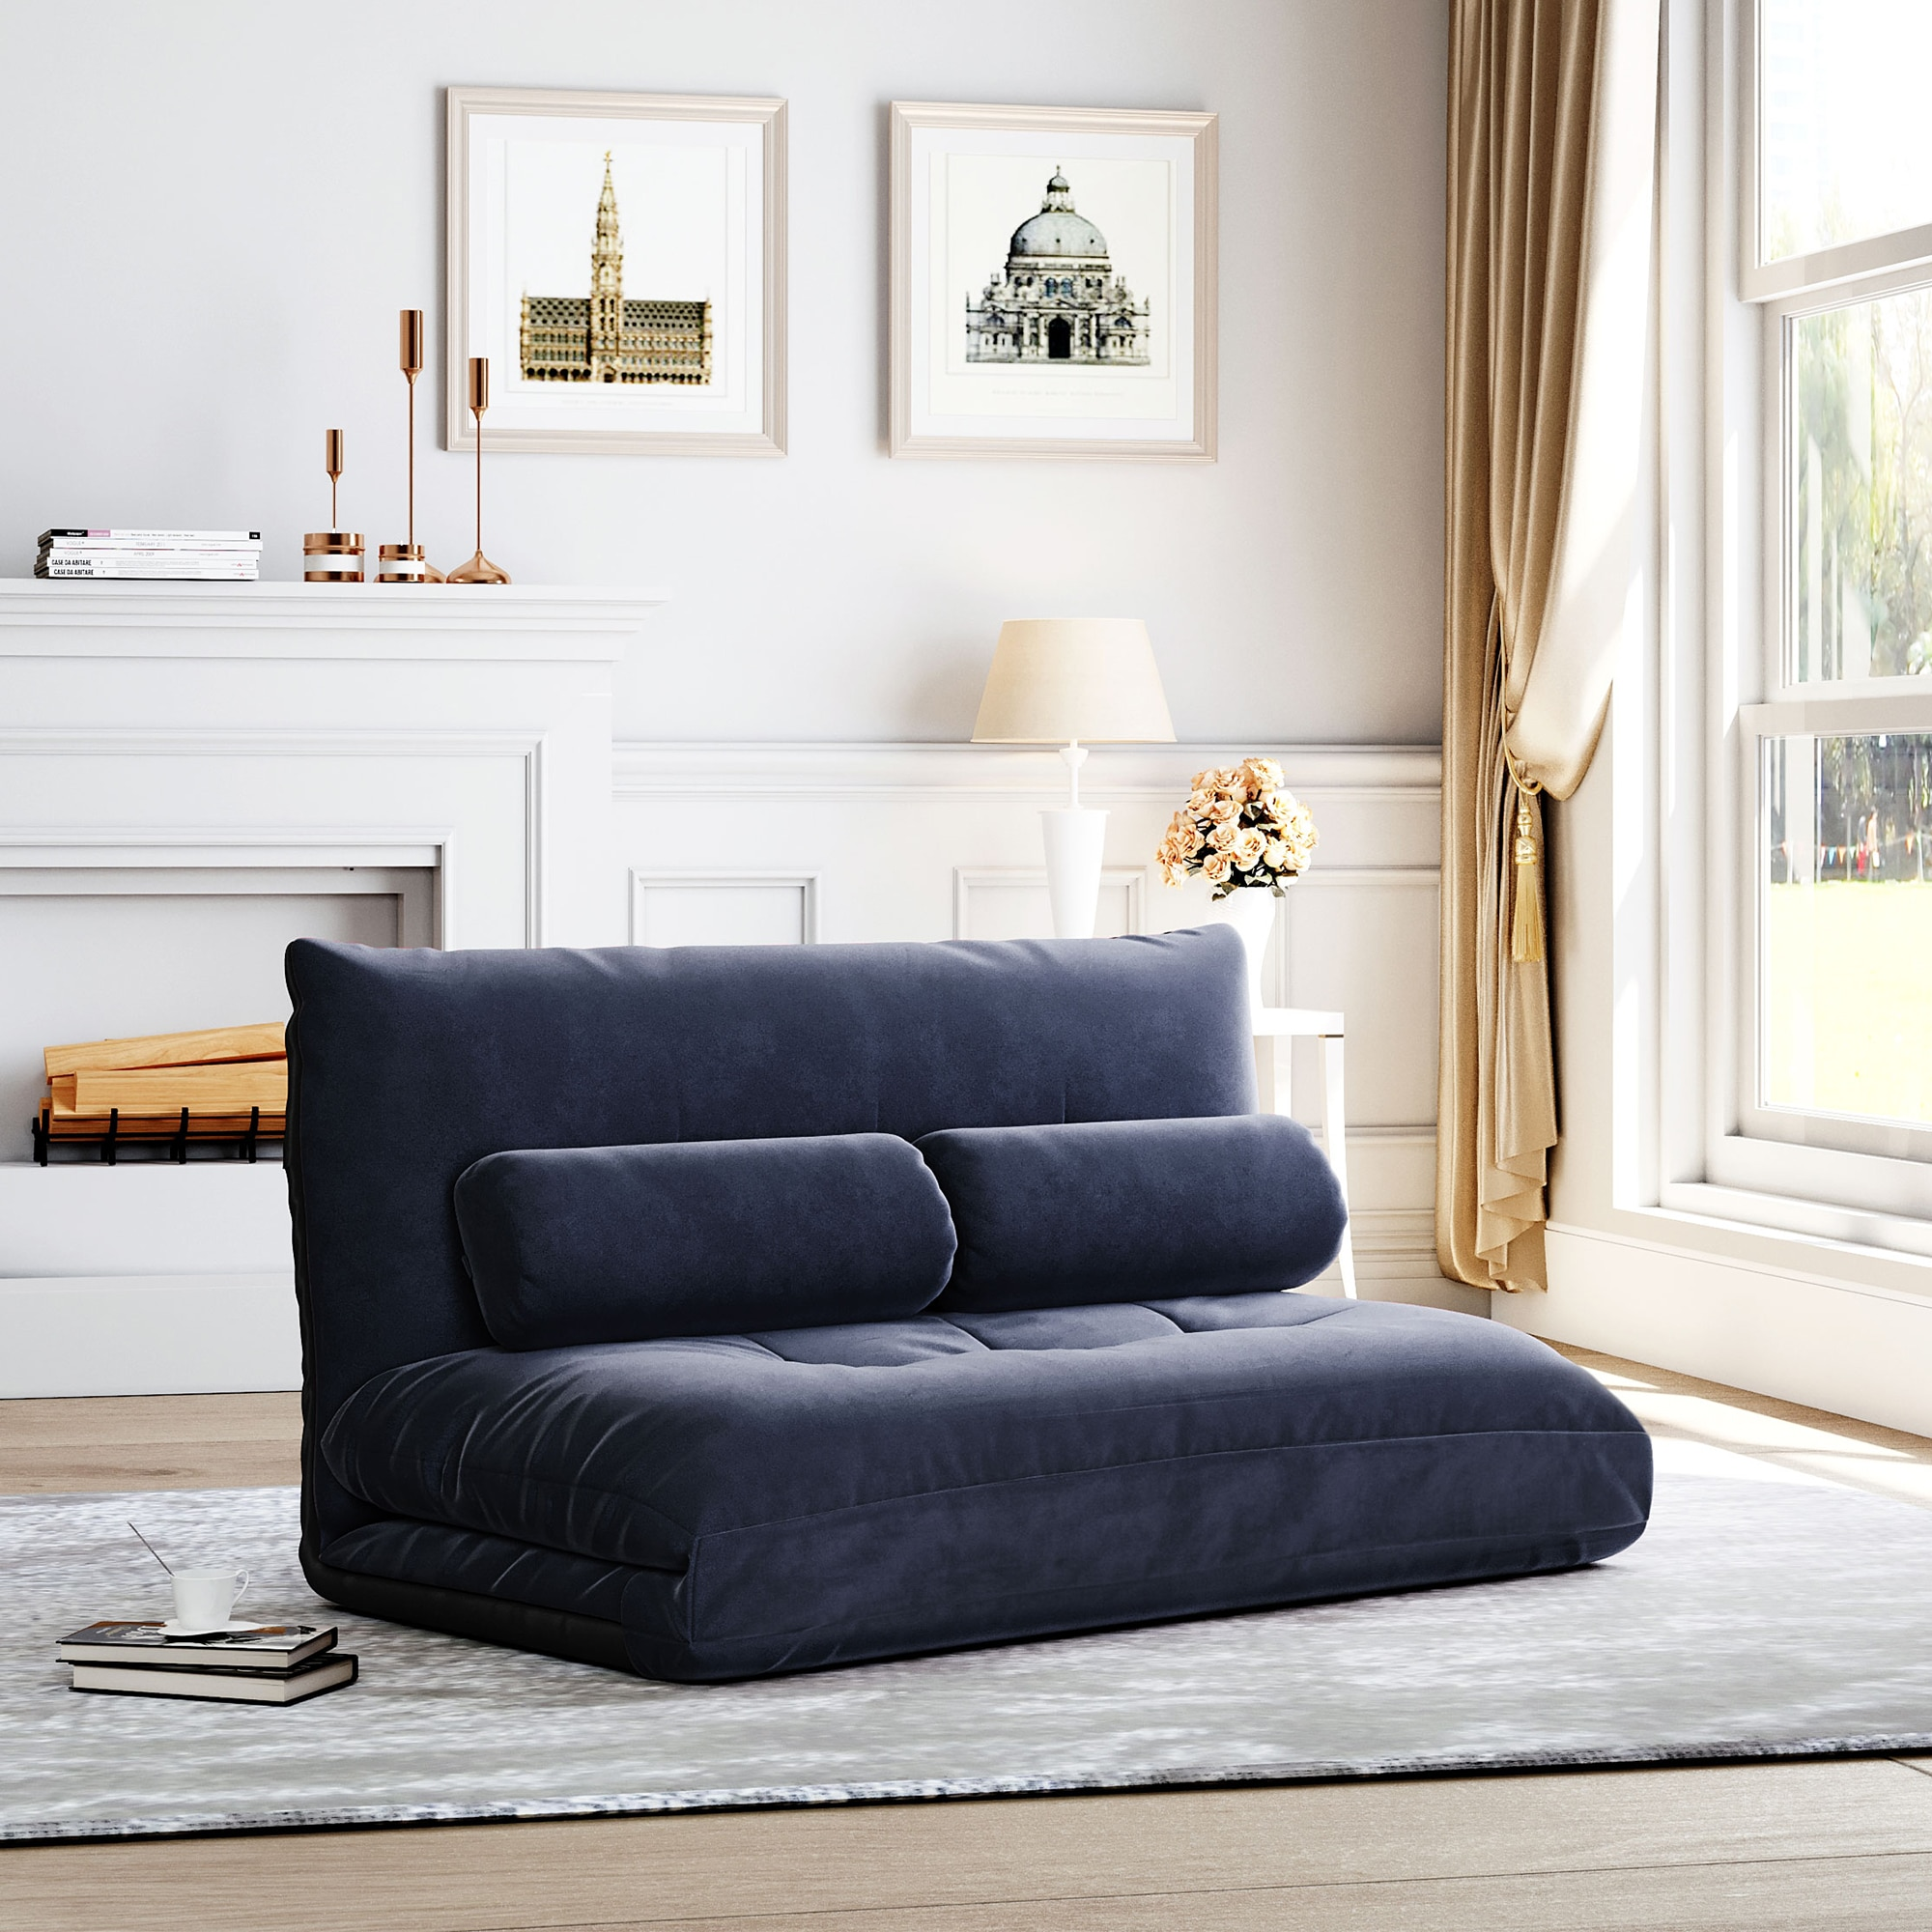 Диван-кровать раскладной диван-кровать для Гостиная Регулируемый софа мебель для спальни Прямая доставка современной гостиной диван с под...